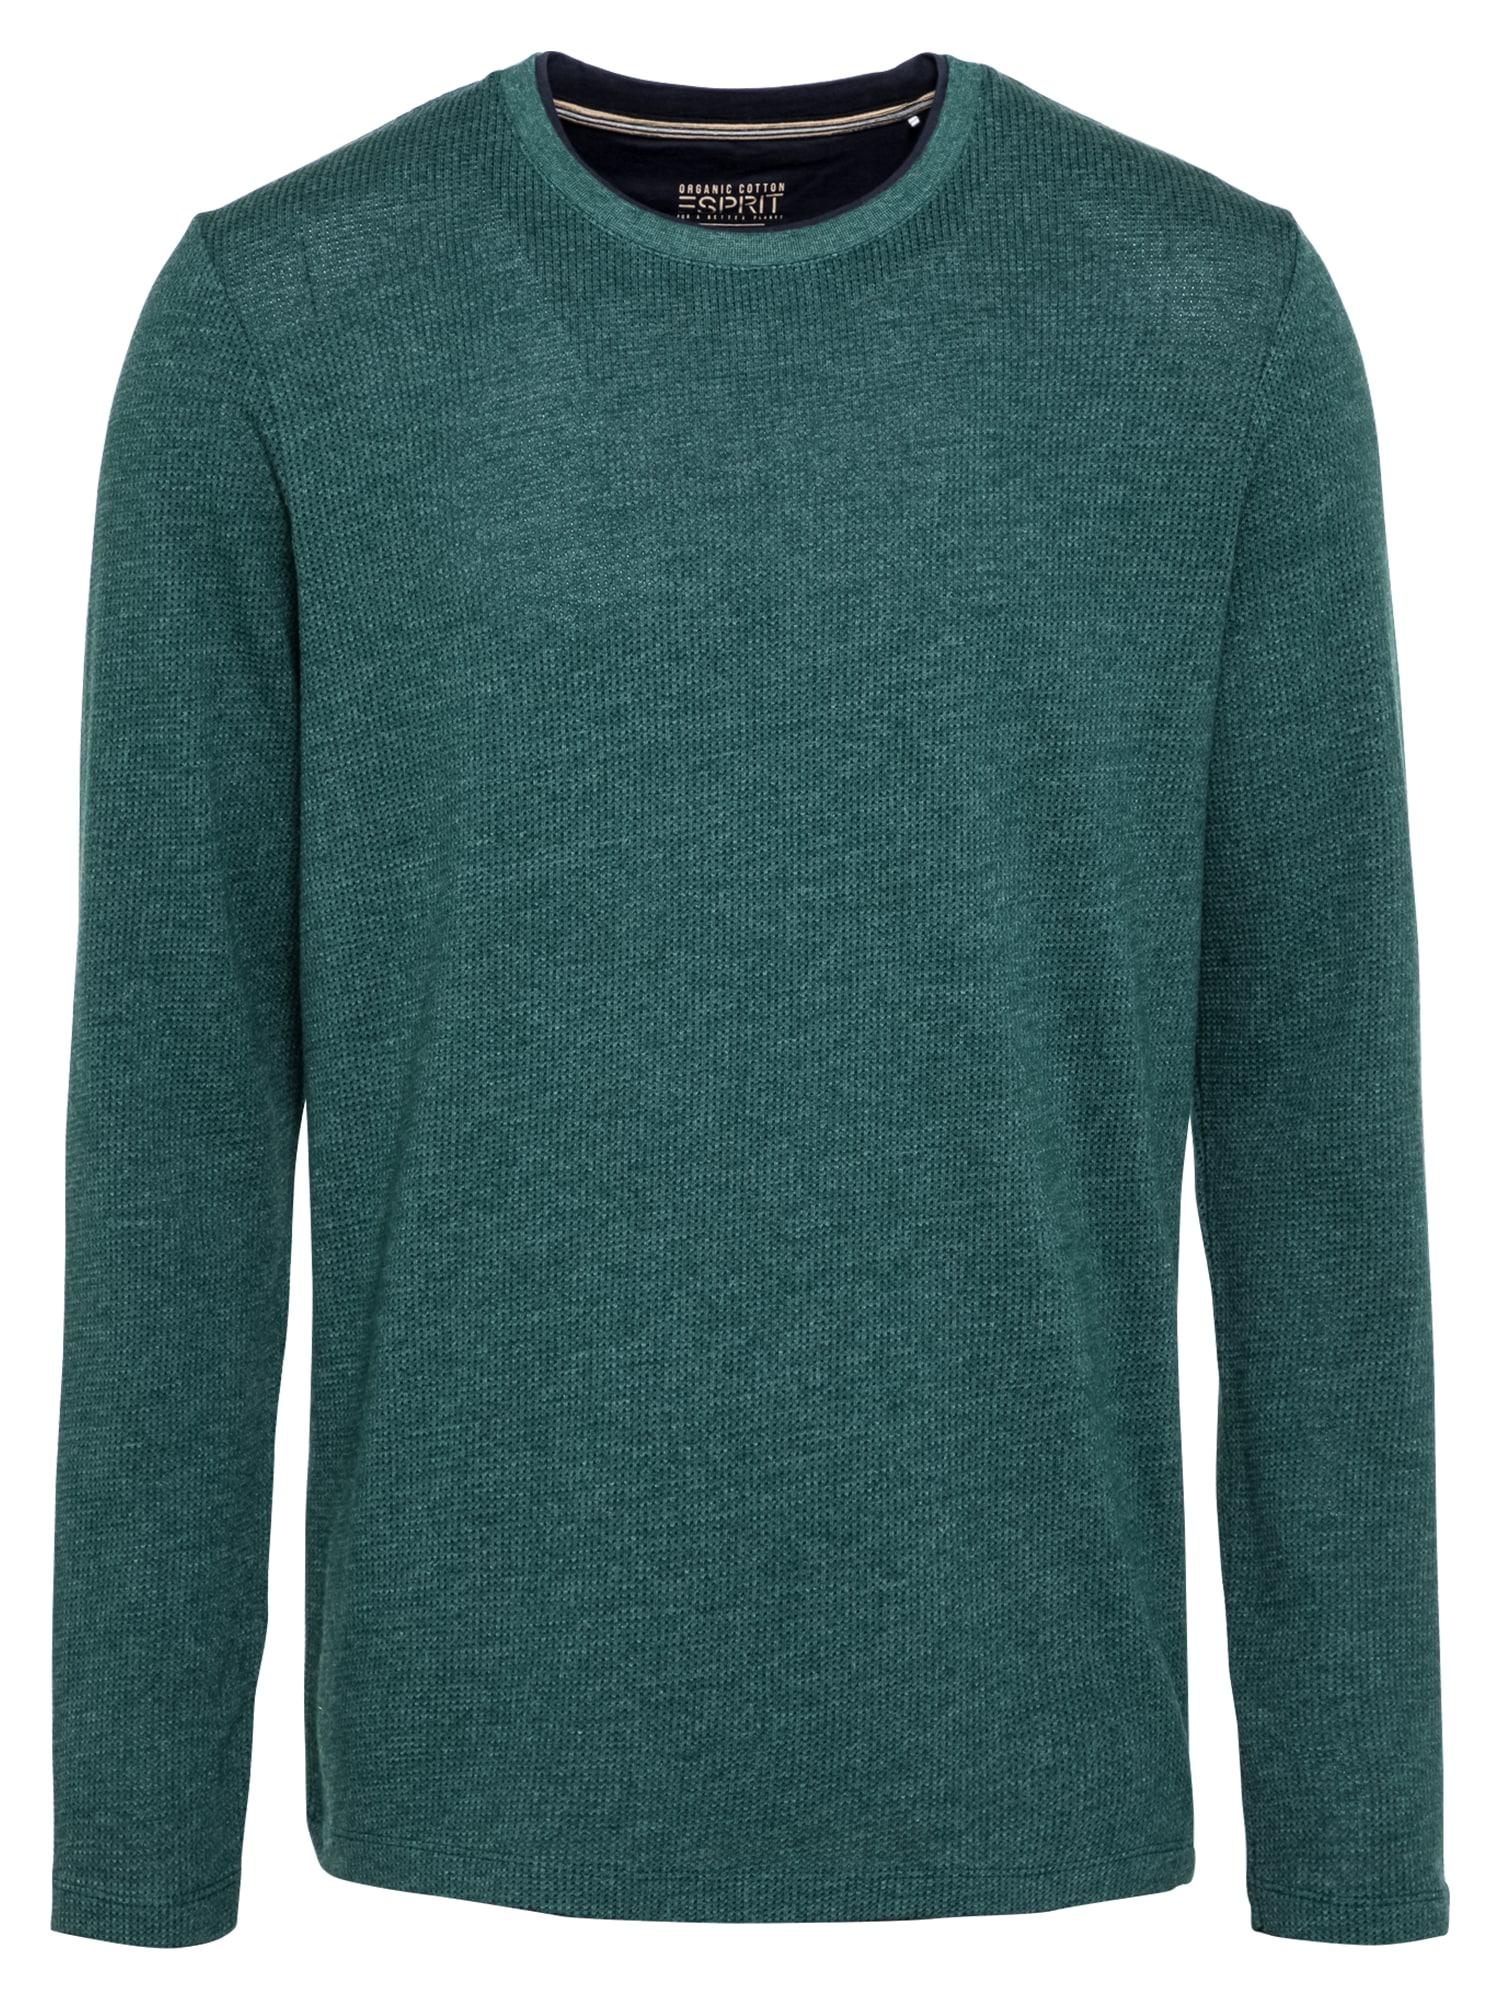 ESPRIT Marškinėliai tamsiai žalia / mėlyna